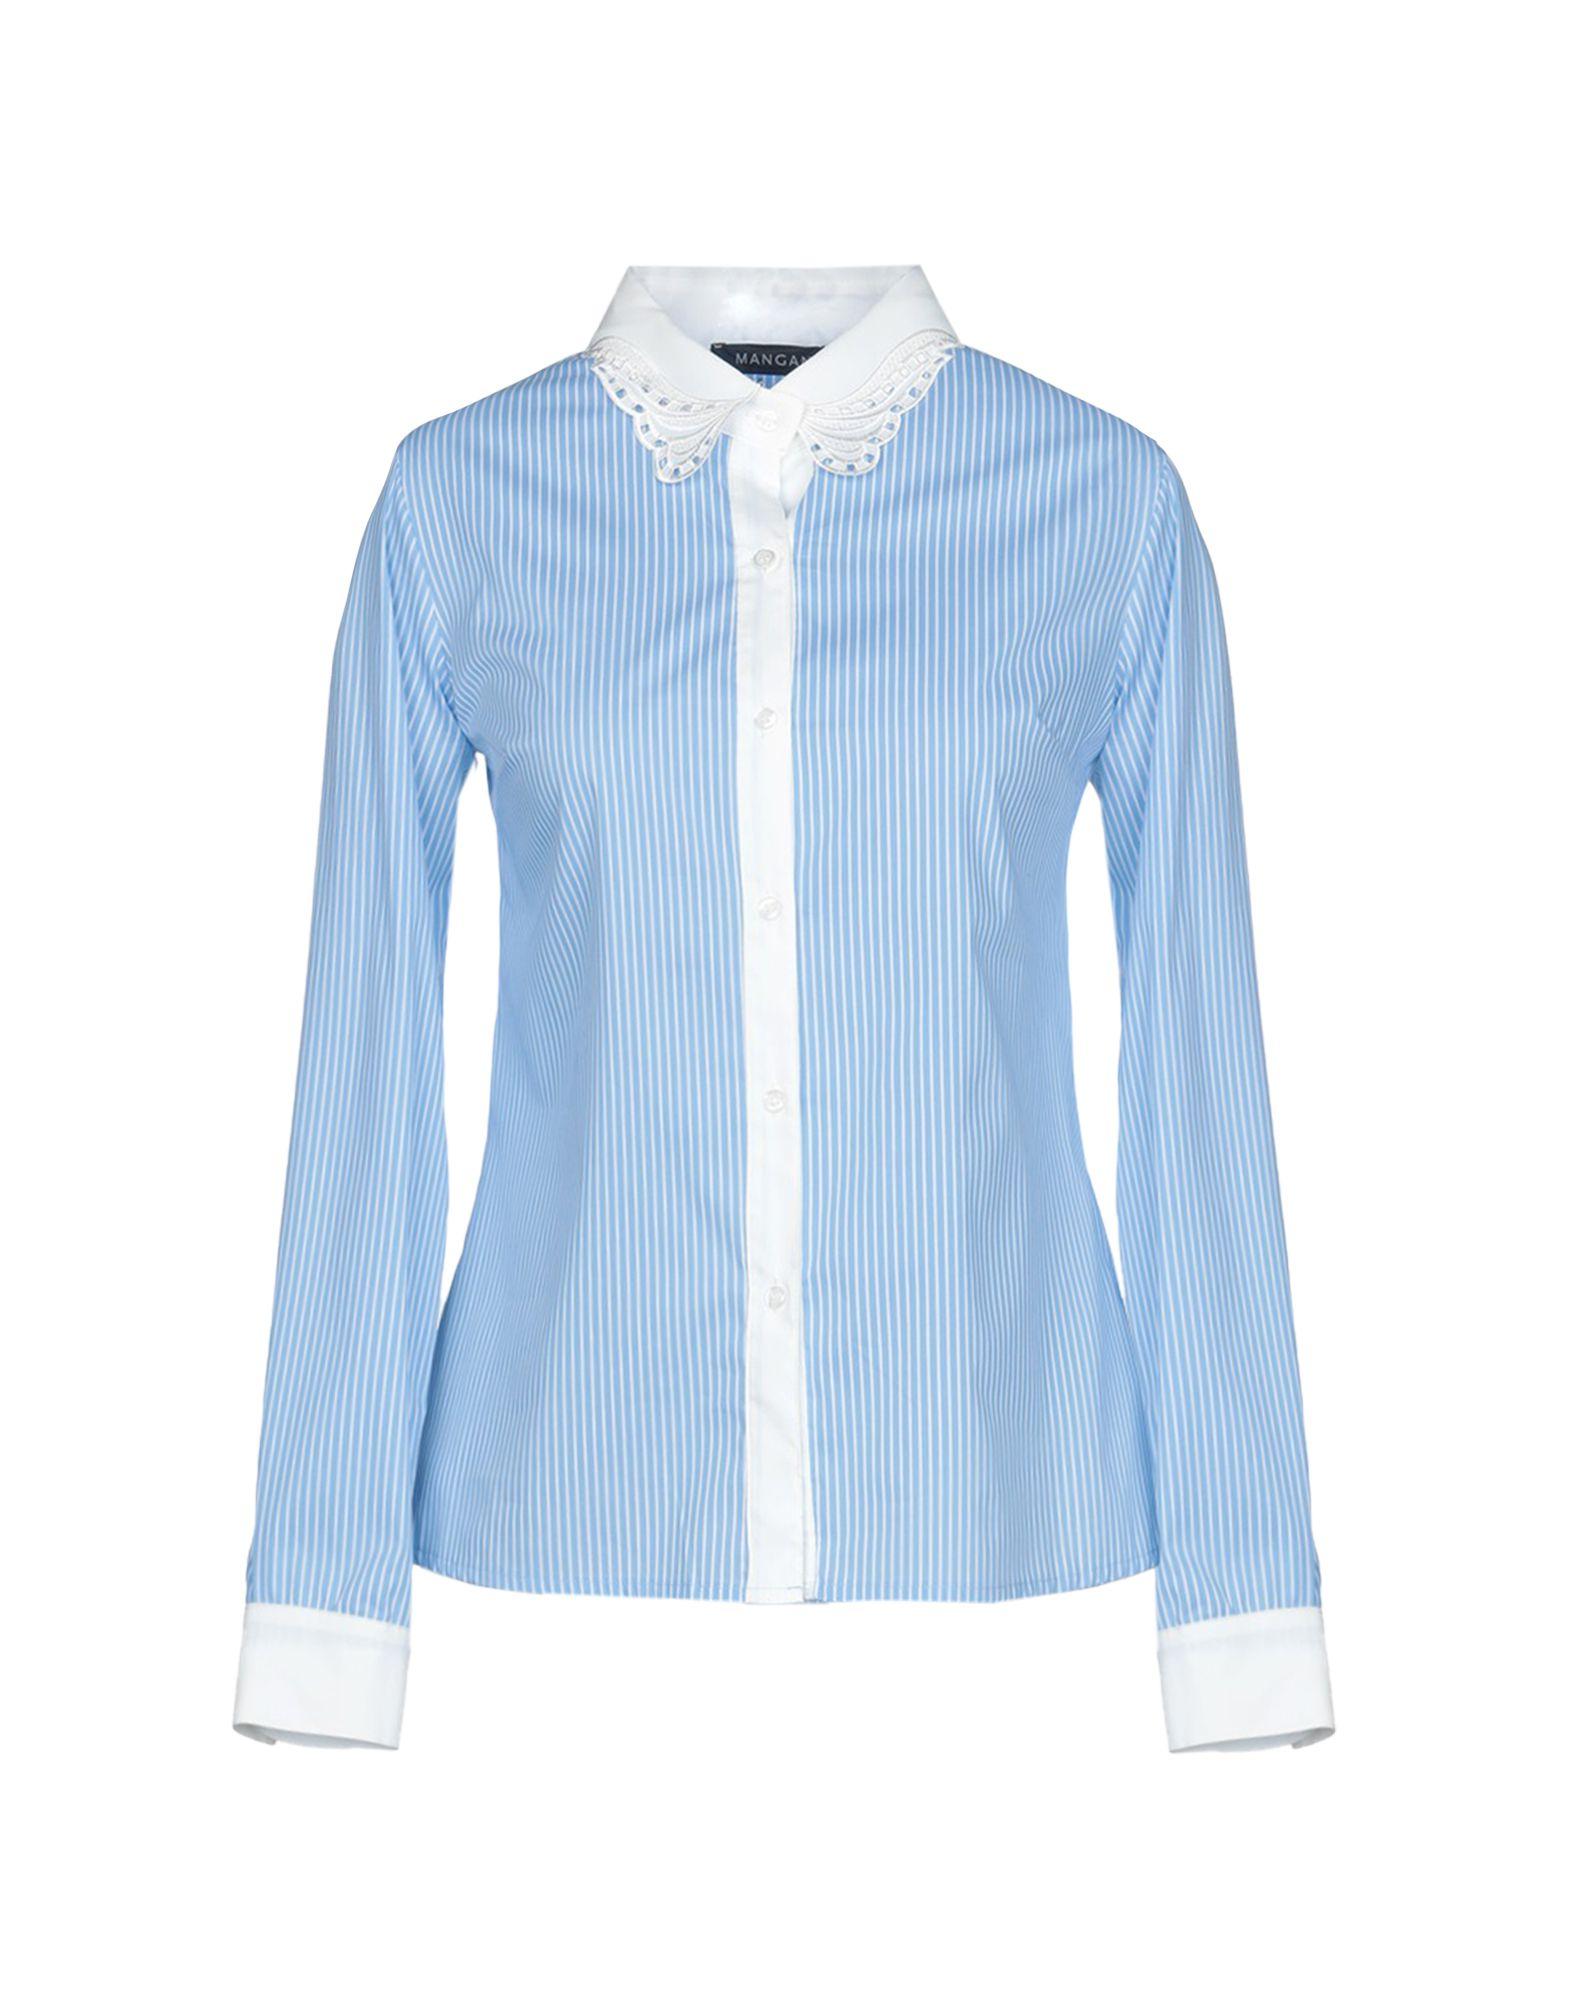 Camicia A Righe Mangano donna donna - 38774839VU  Beste Preise und frischeste Styles